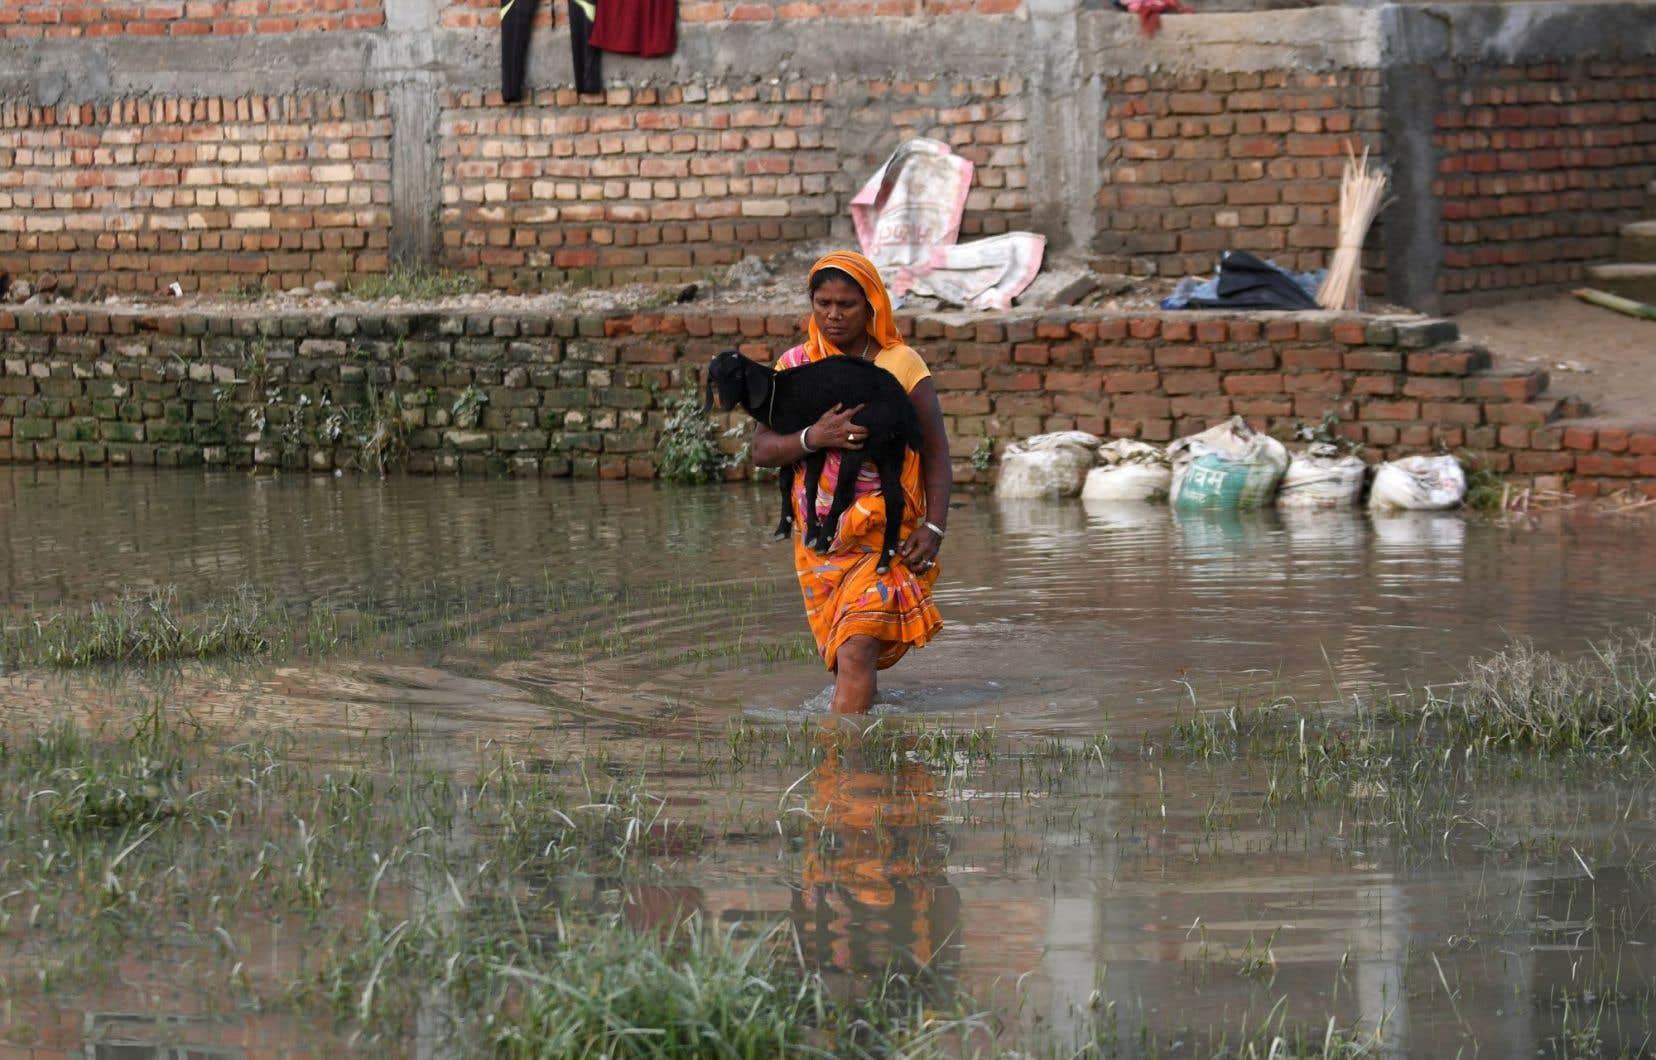 Dans le district de Saptari, au sud du Népal, de telles inondations surviennent chaque année.